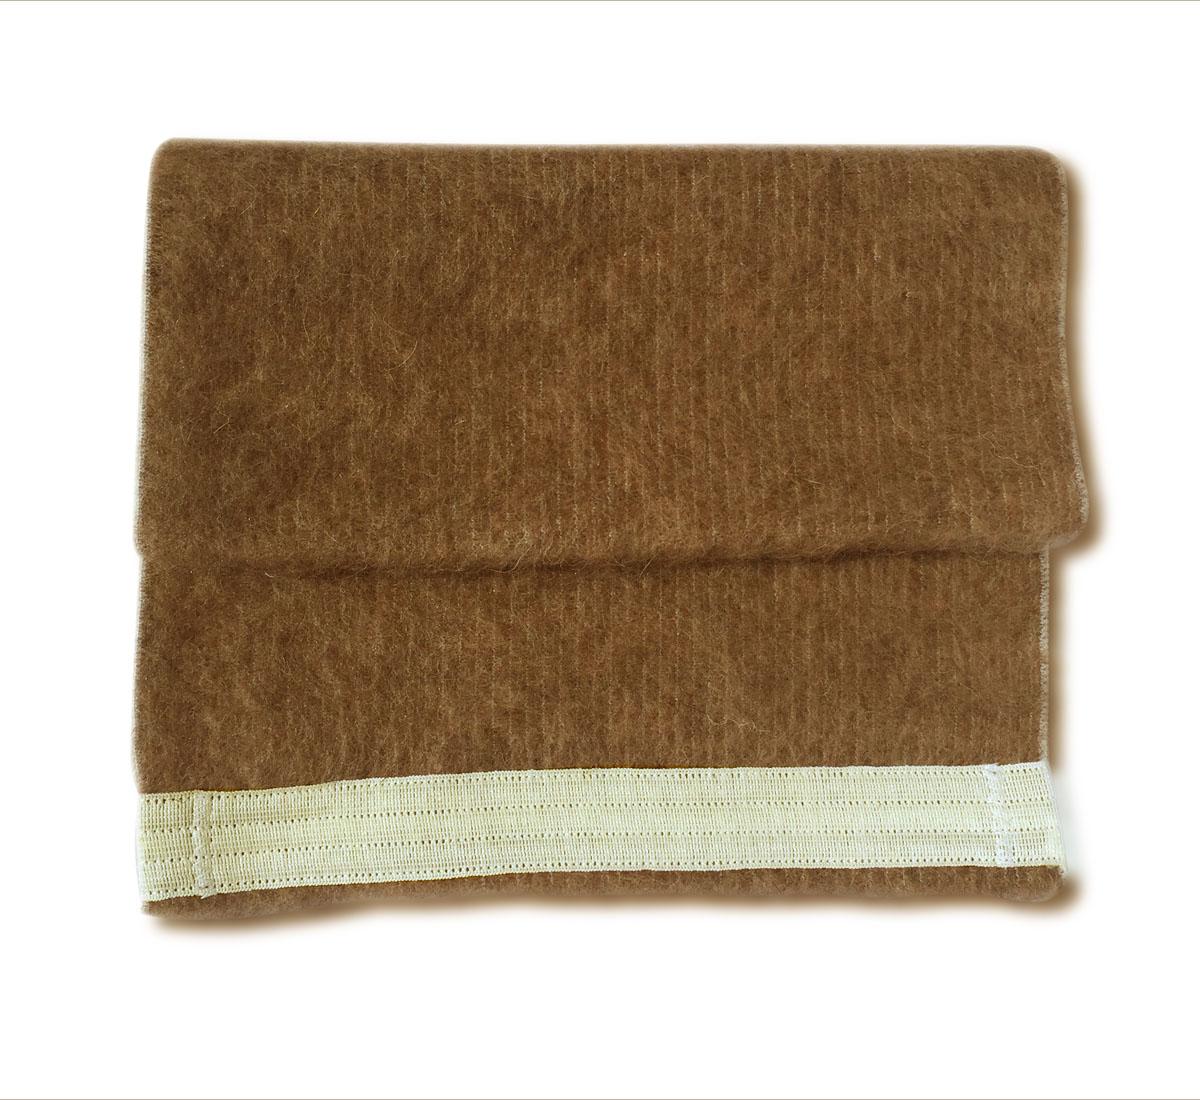 Пояс-бандаж согревающий, верблюжья шерсть, размер 7 (талия 110-120) (ИМН)